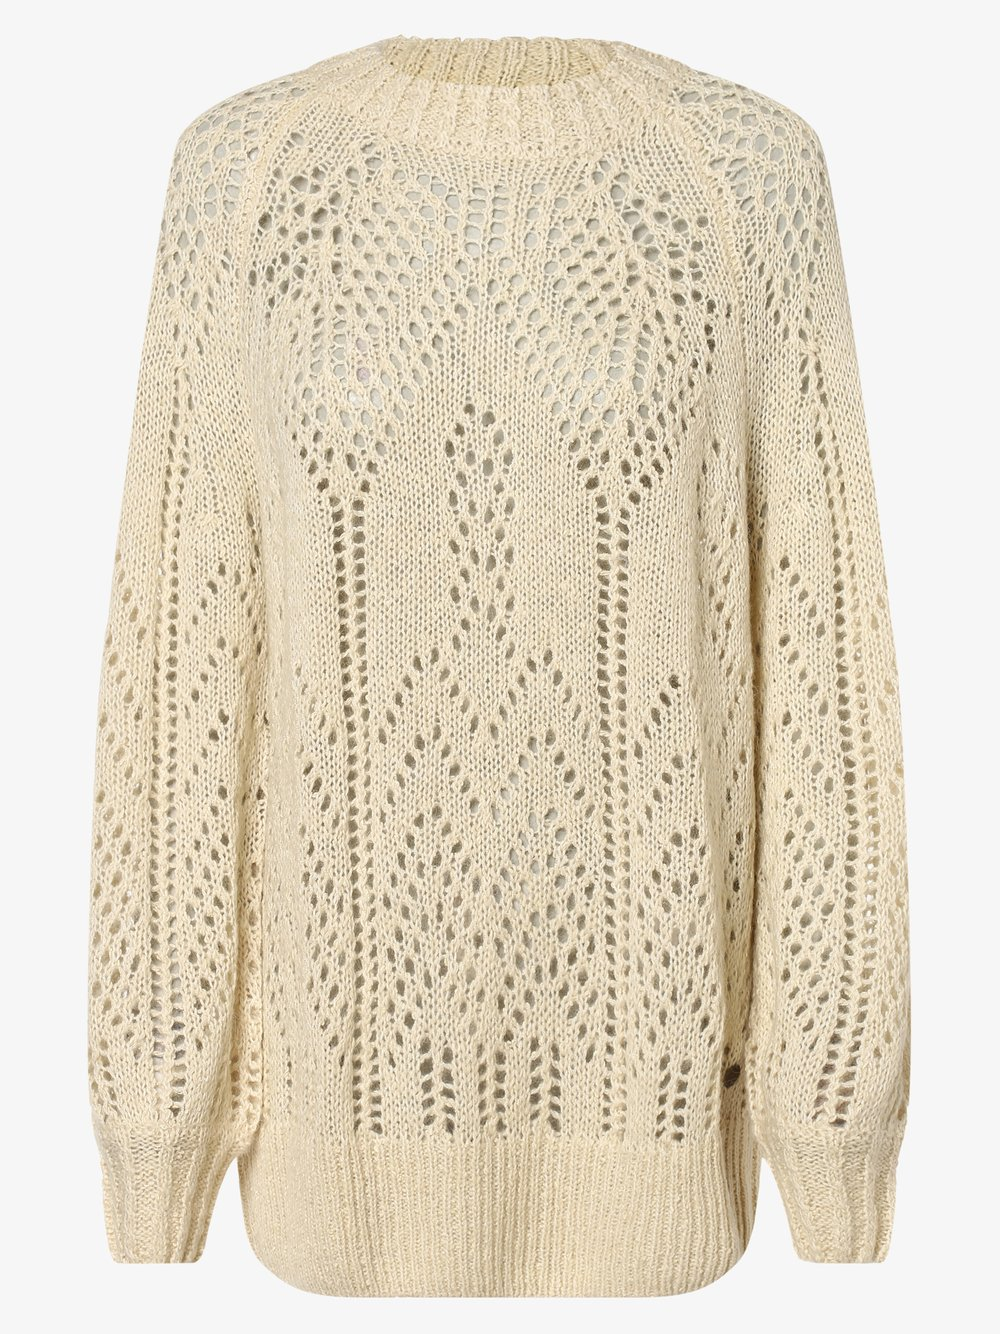 Pepe Jeans - Sweter damski z dodatkiem alpaki – Marzella, biały